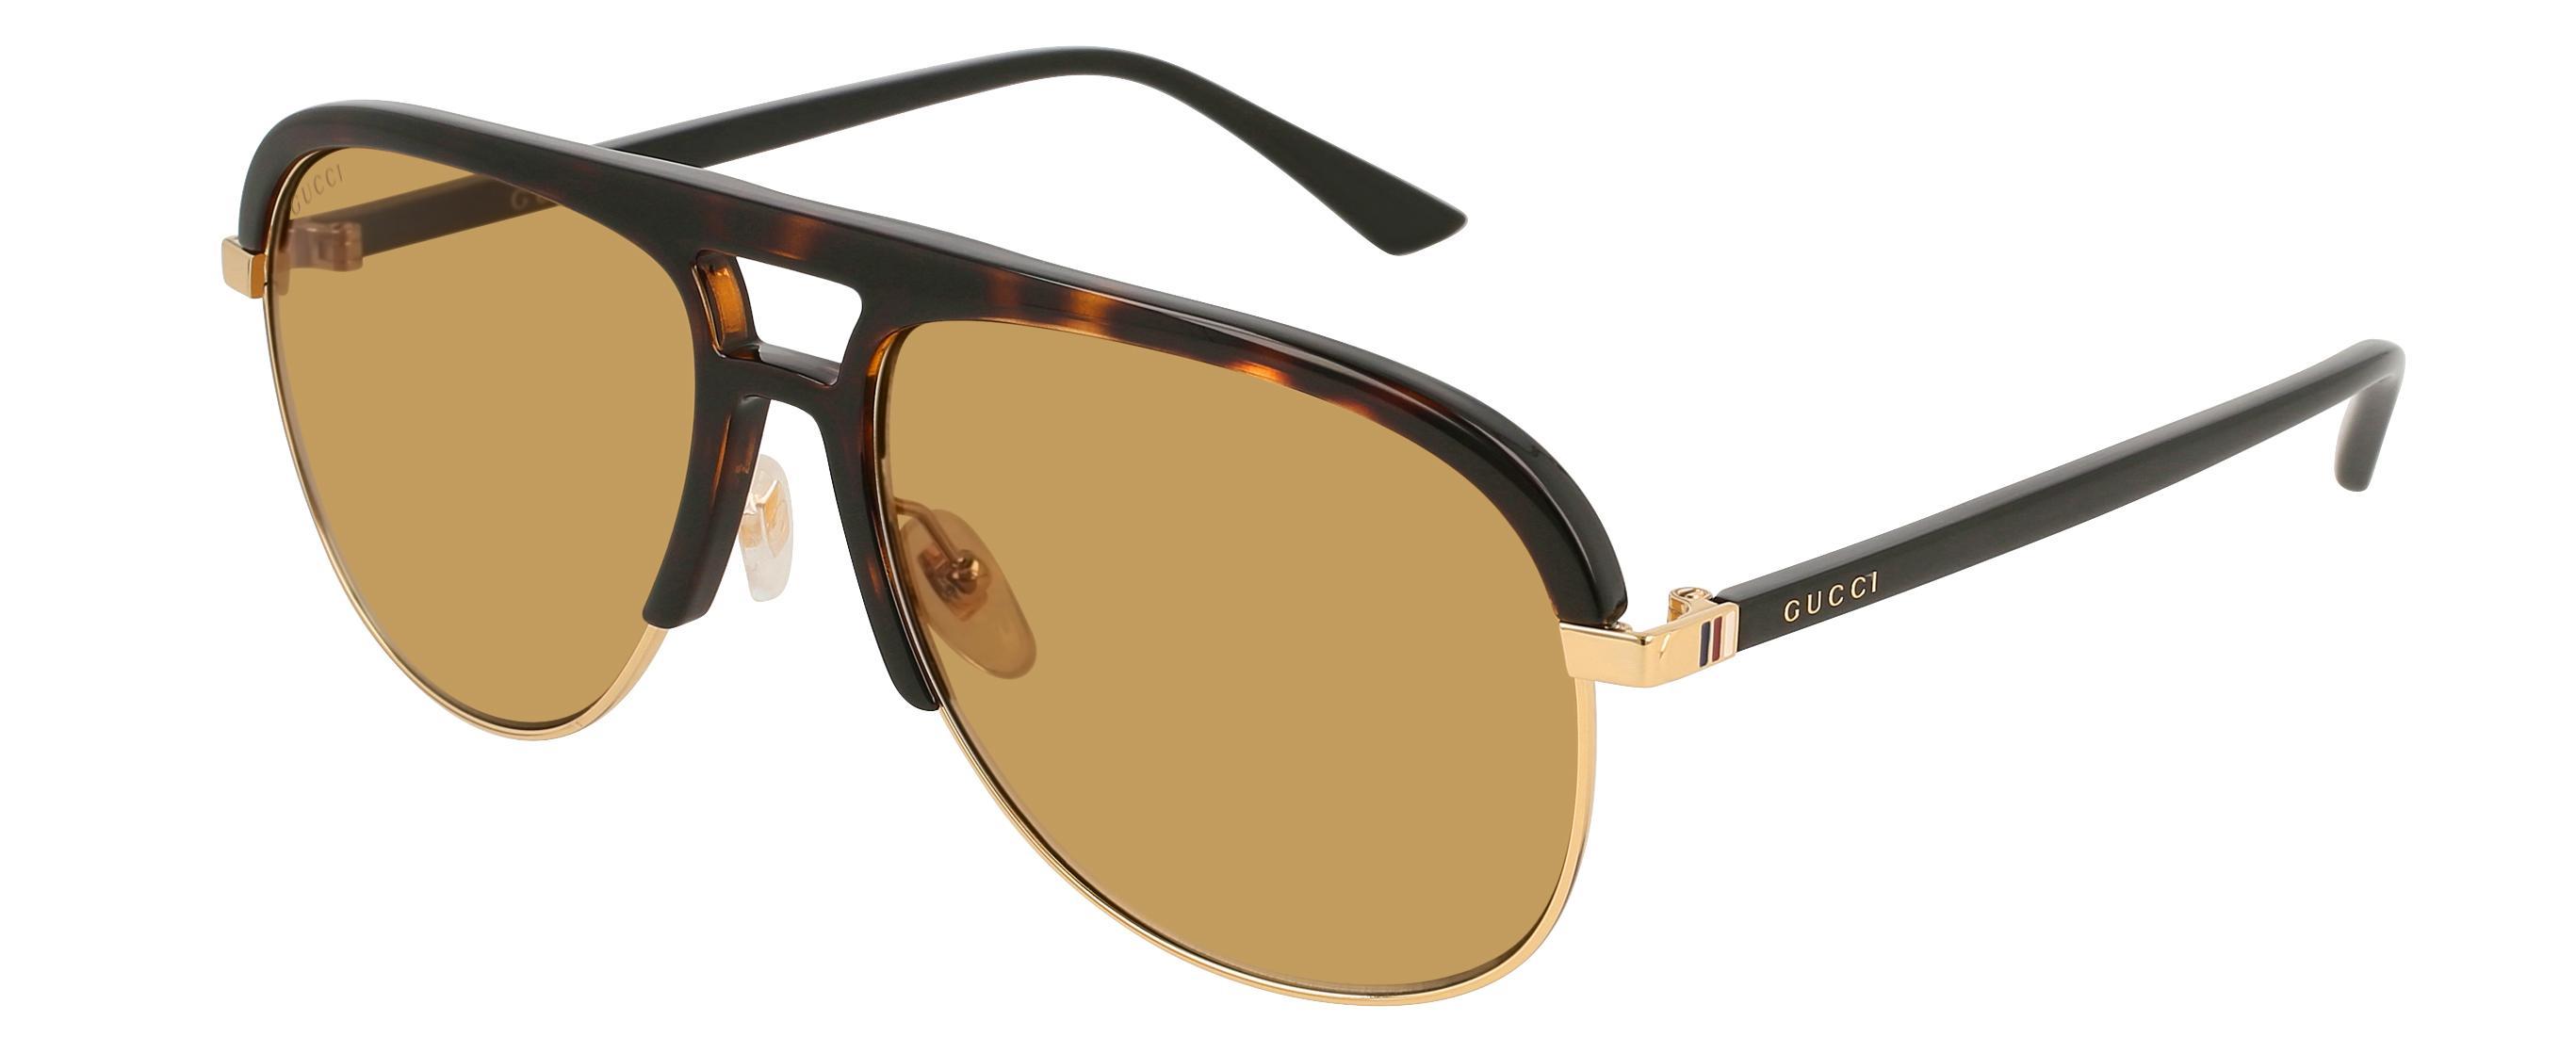 59bd2135e Gucci. Women's GG 0292 Aviator Sunglasses